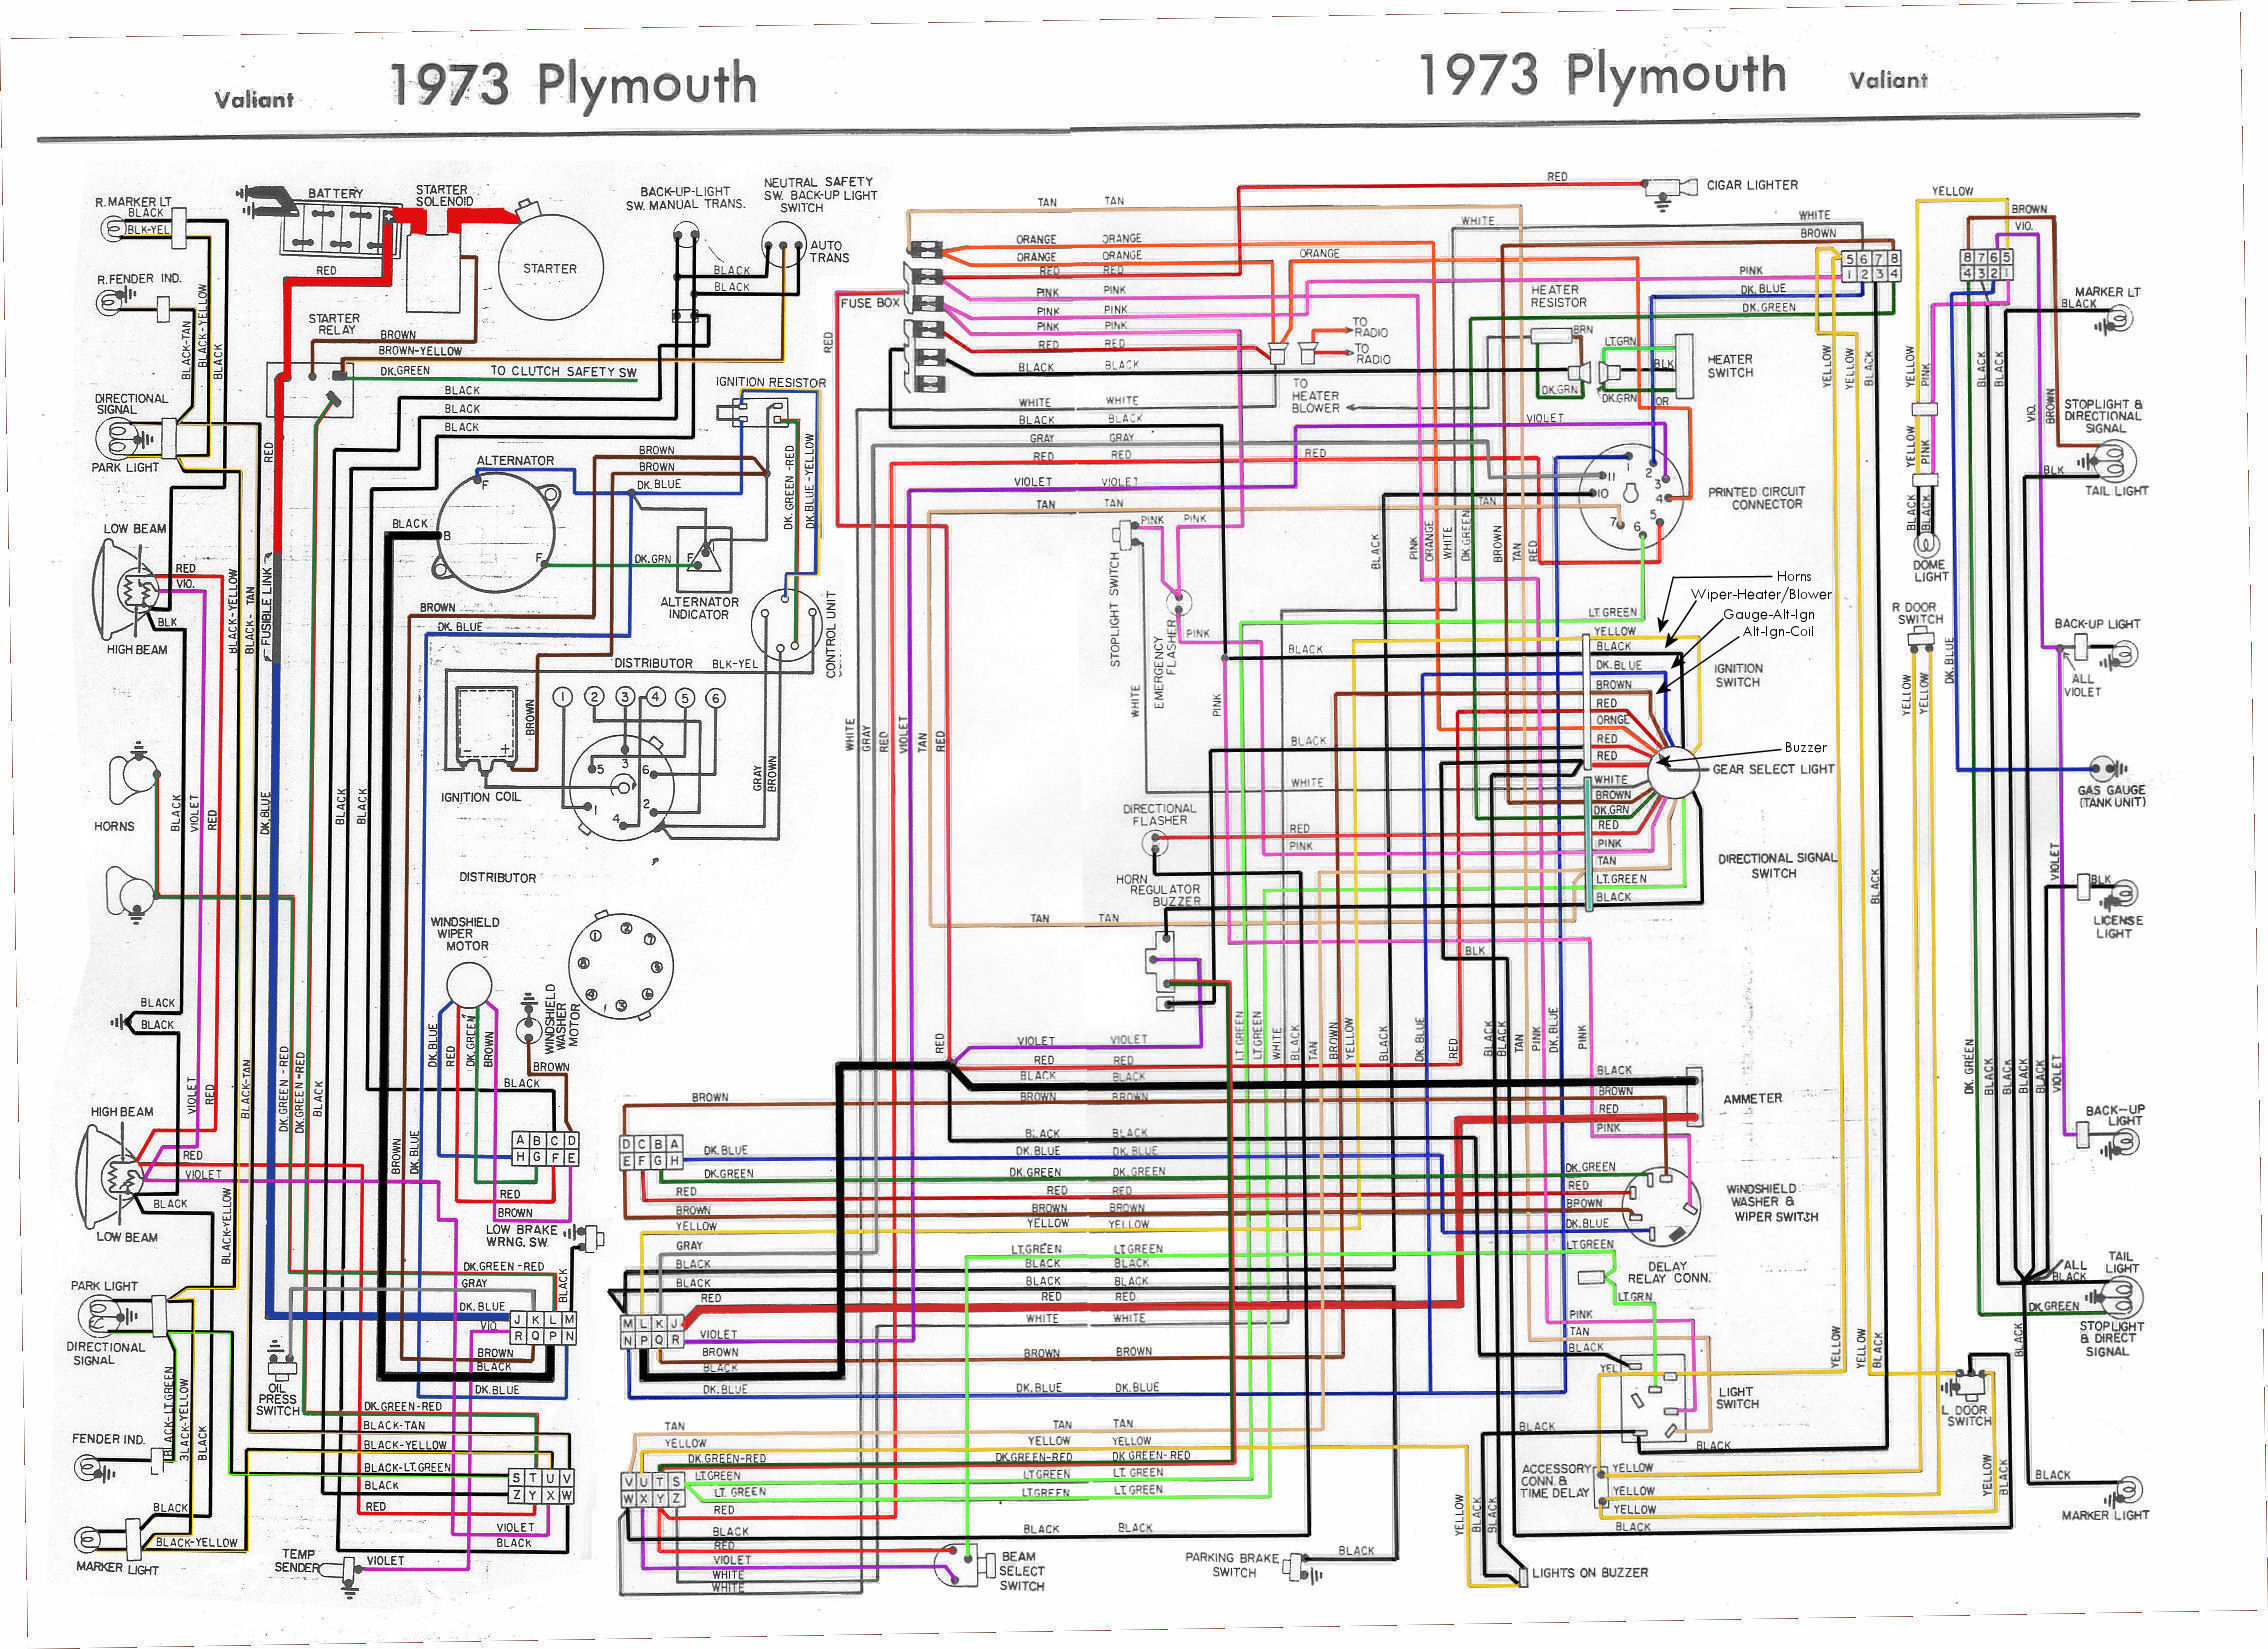 1970 Cuda Wiring Diagram Pajero Central Locking Wiring Diagram Mazda3 Sp23 Ati Loro Jeanjaures37 Fr